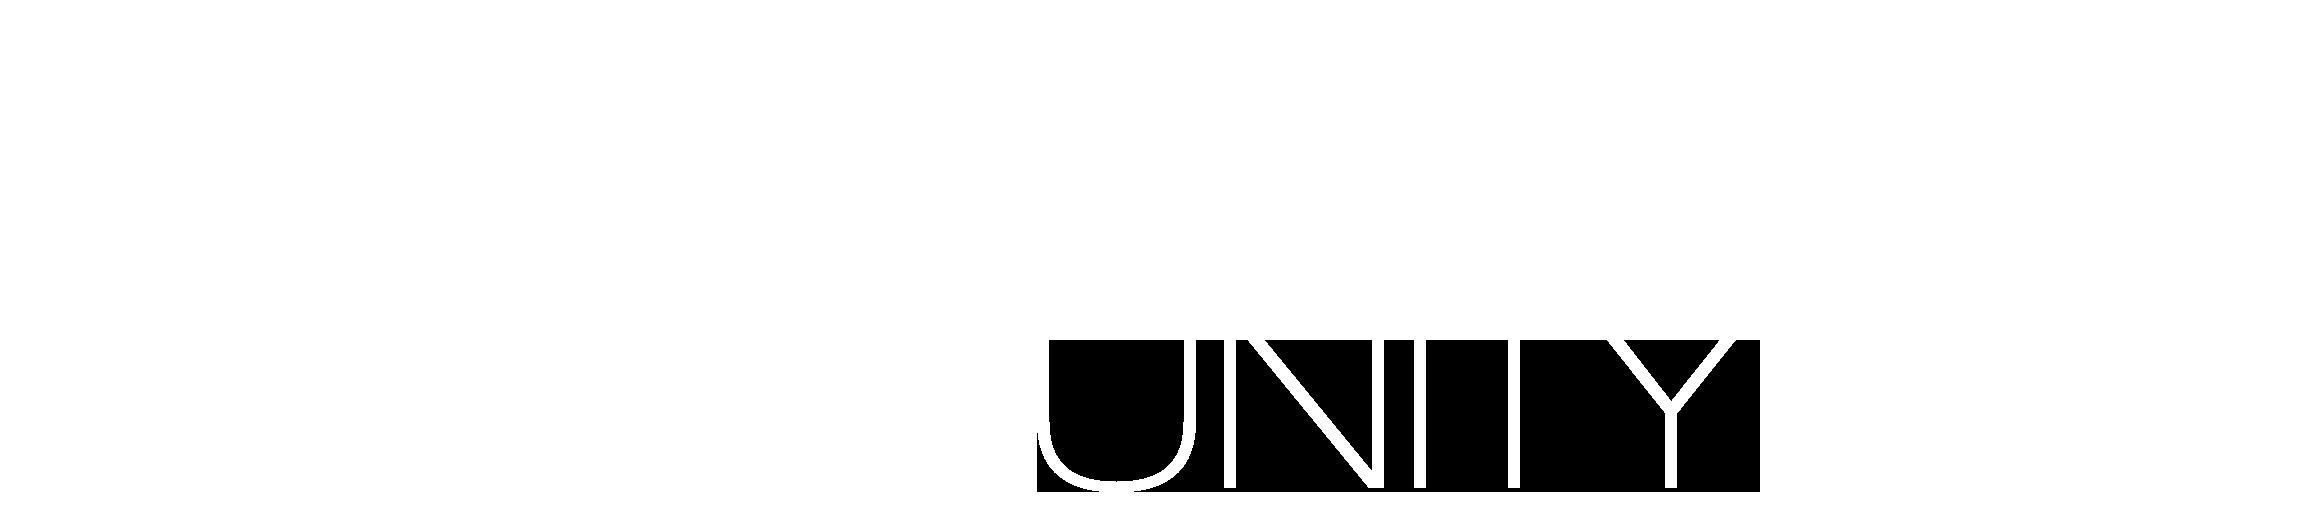 Corporate Logos – SpeedTree